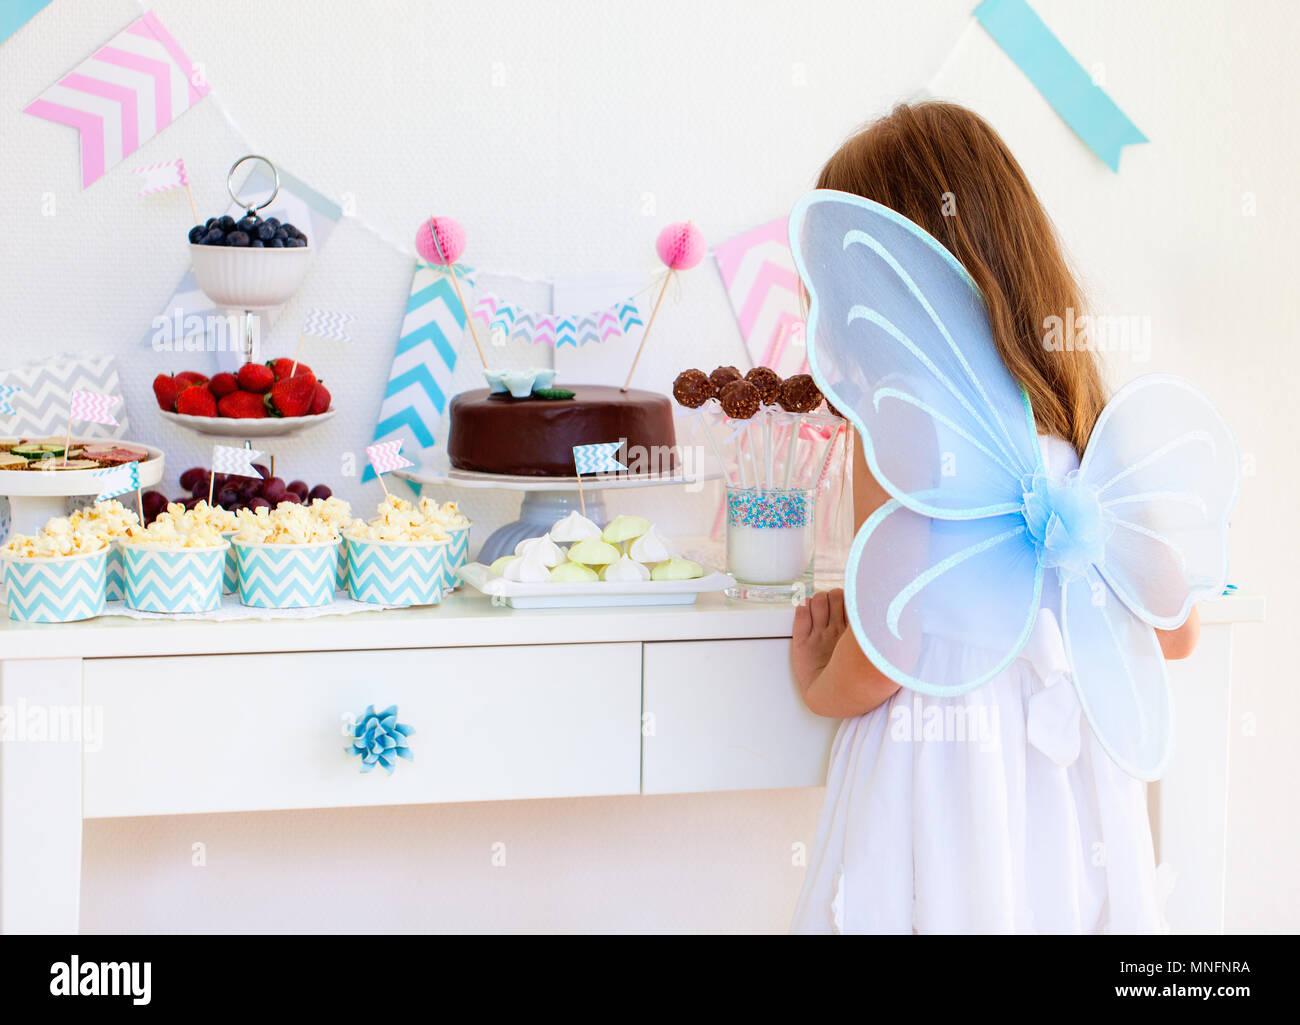 Adorable kleine Fee Mädchen mit Flügeln auf einer Geburtstagsfeier in der Nähe von Dessert Tabelle Stockbild